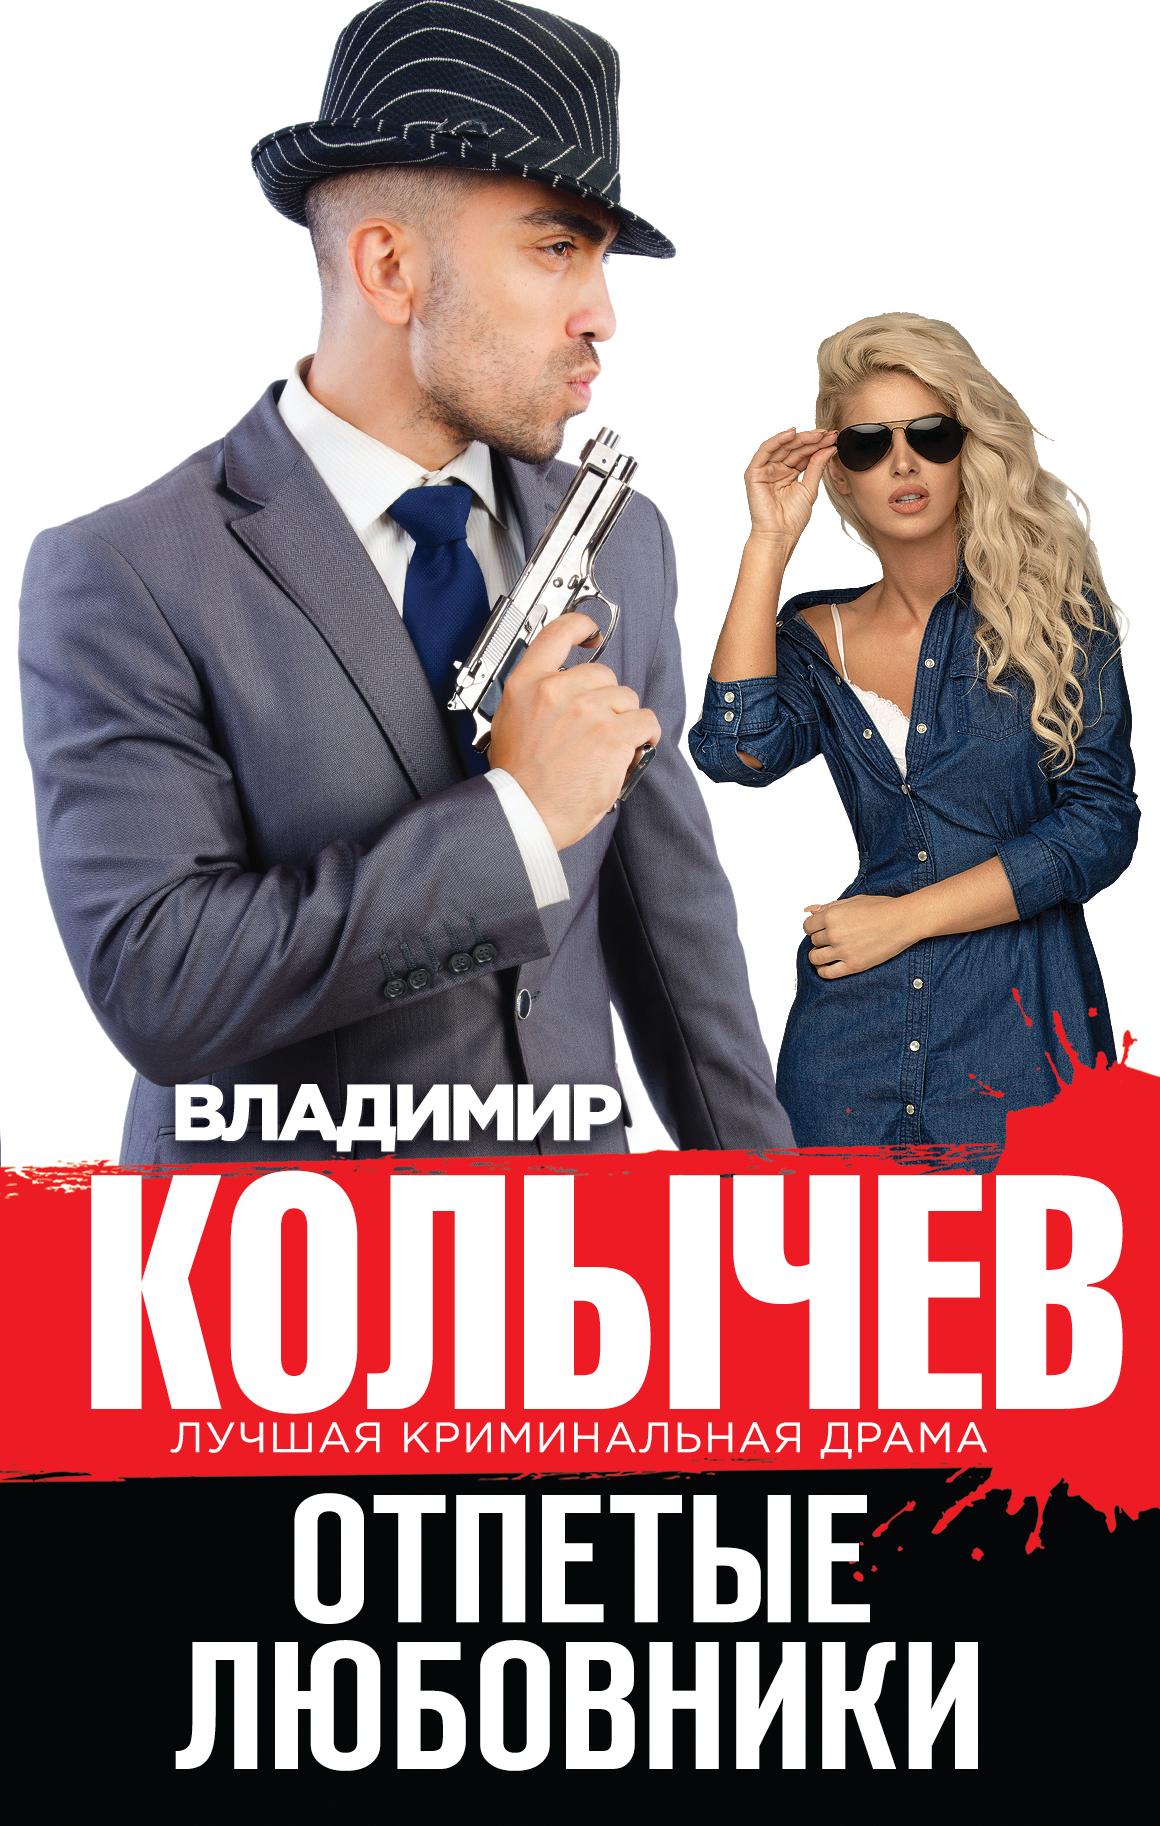 Колычев В.Г. Отпетые любовники туфли за сто тысяч рублей